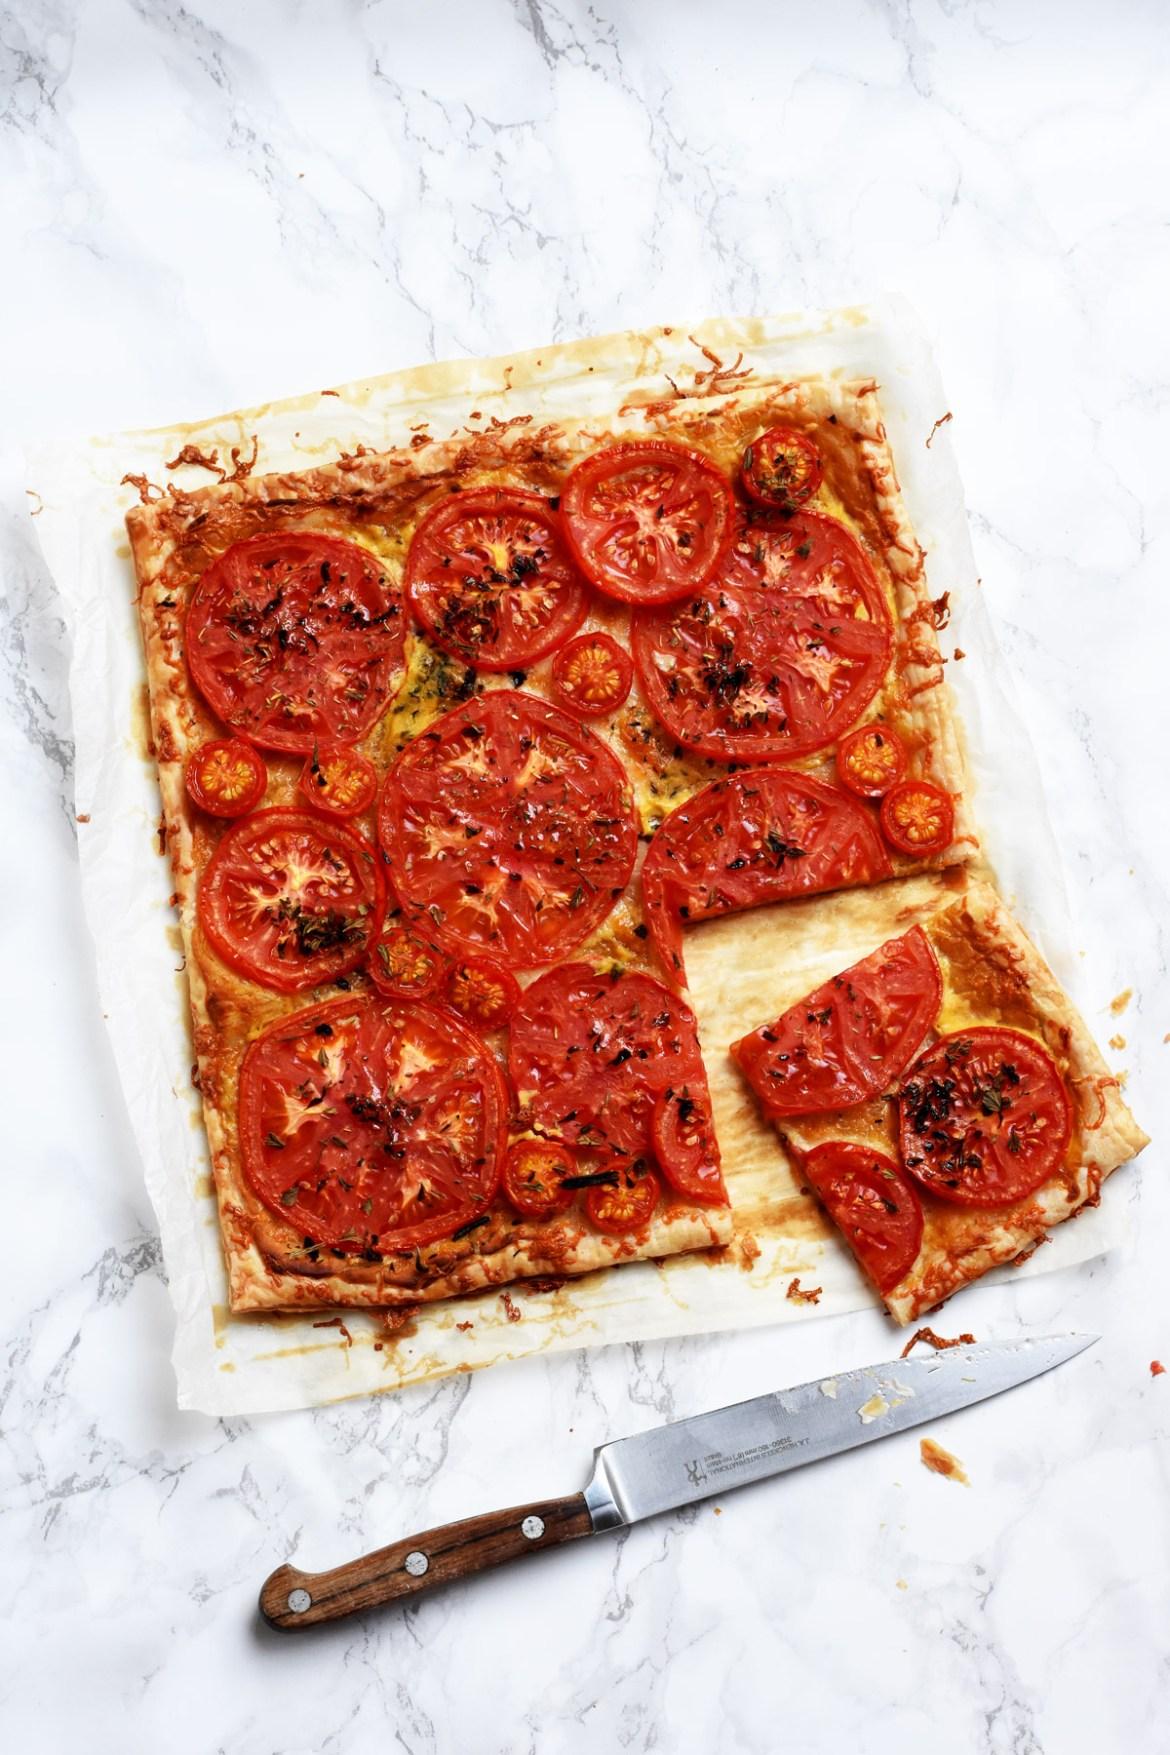 Tomato Trio and Dijon Mustard Tart